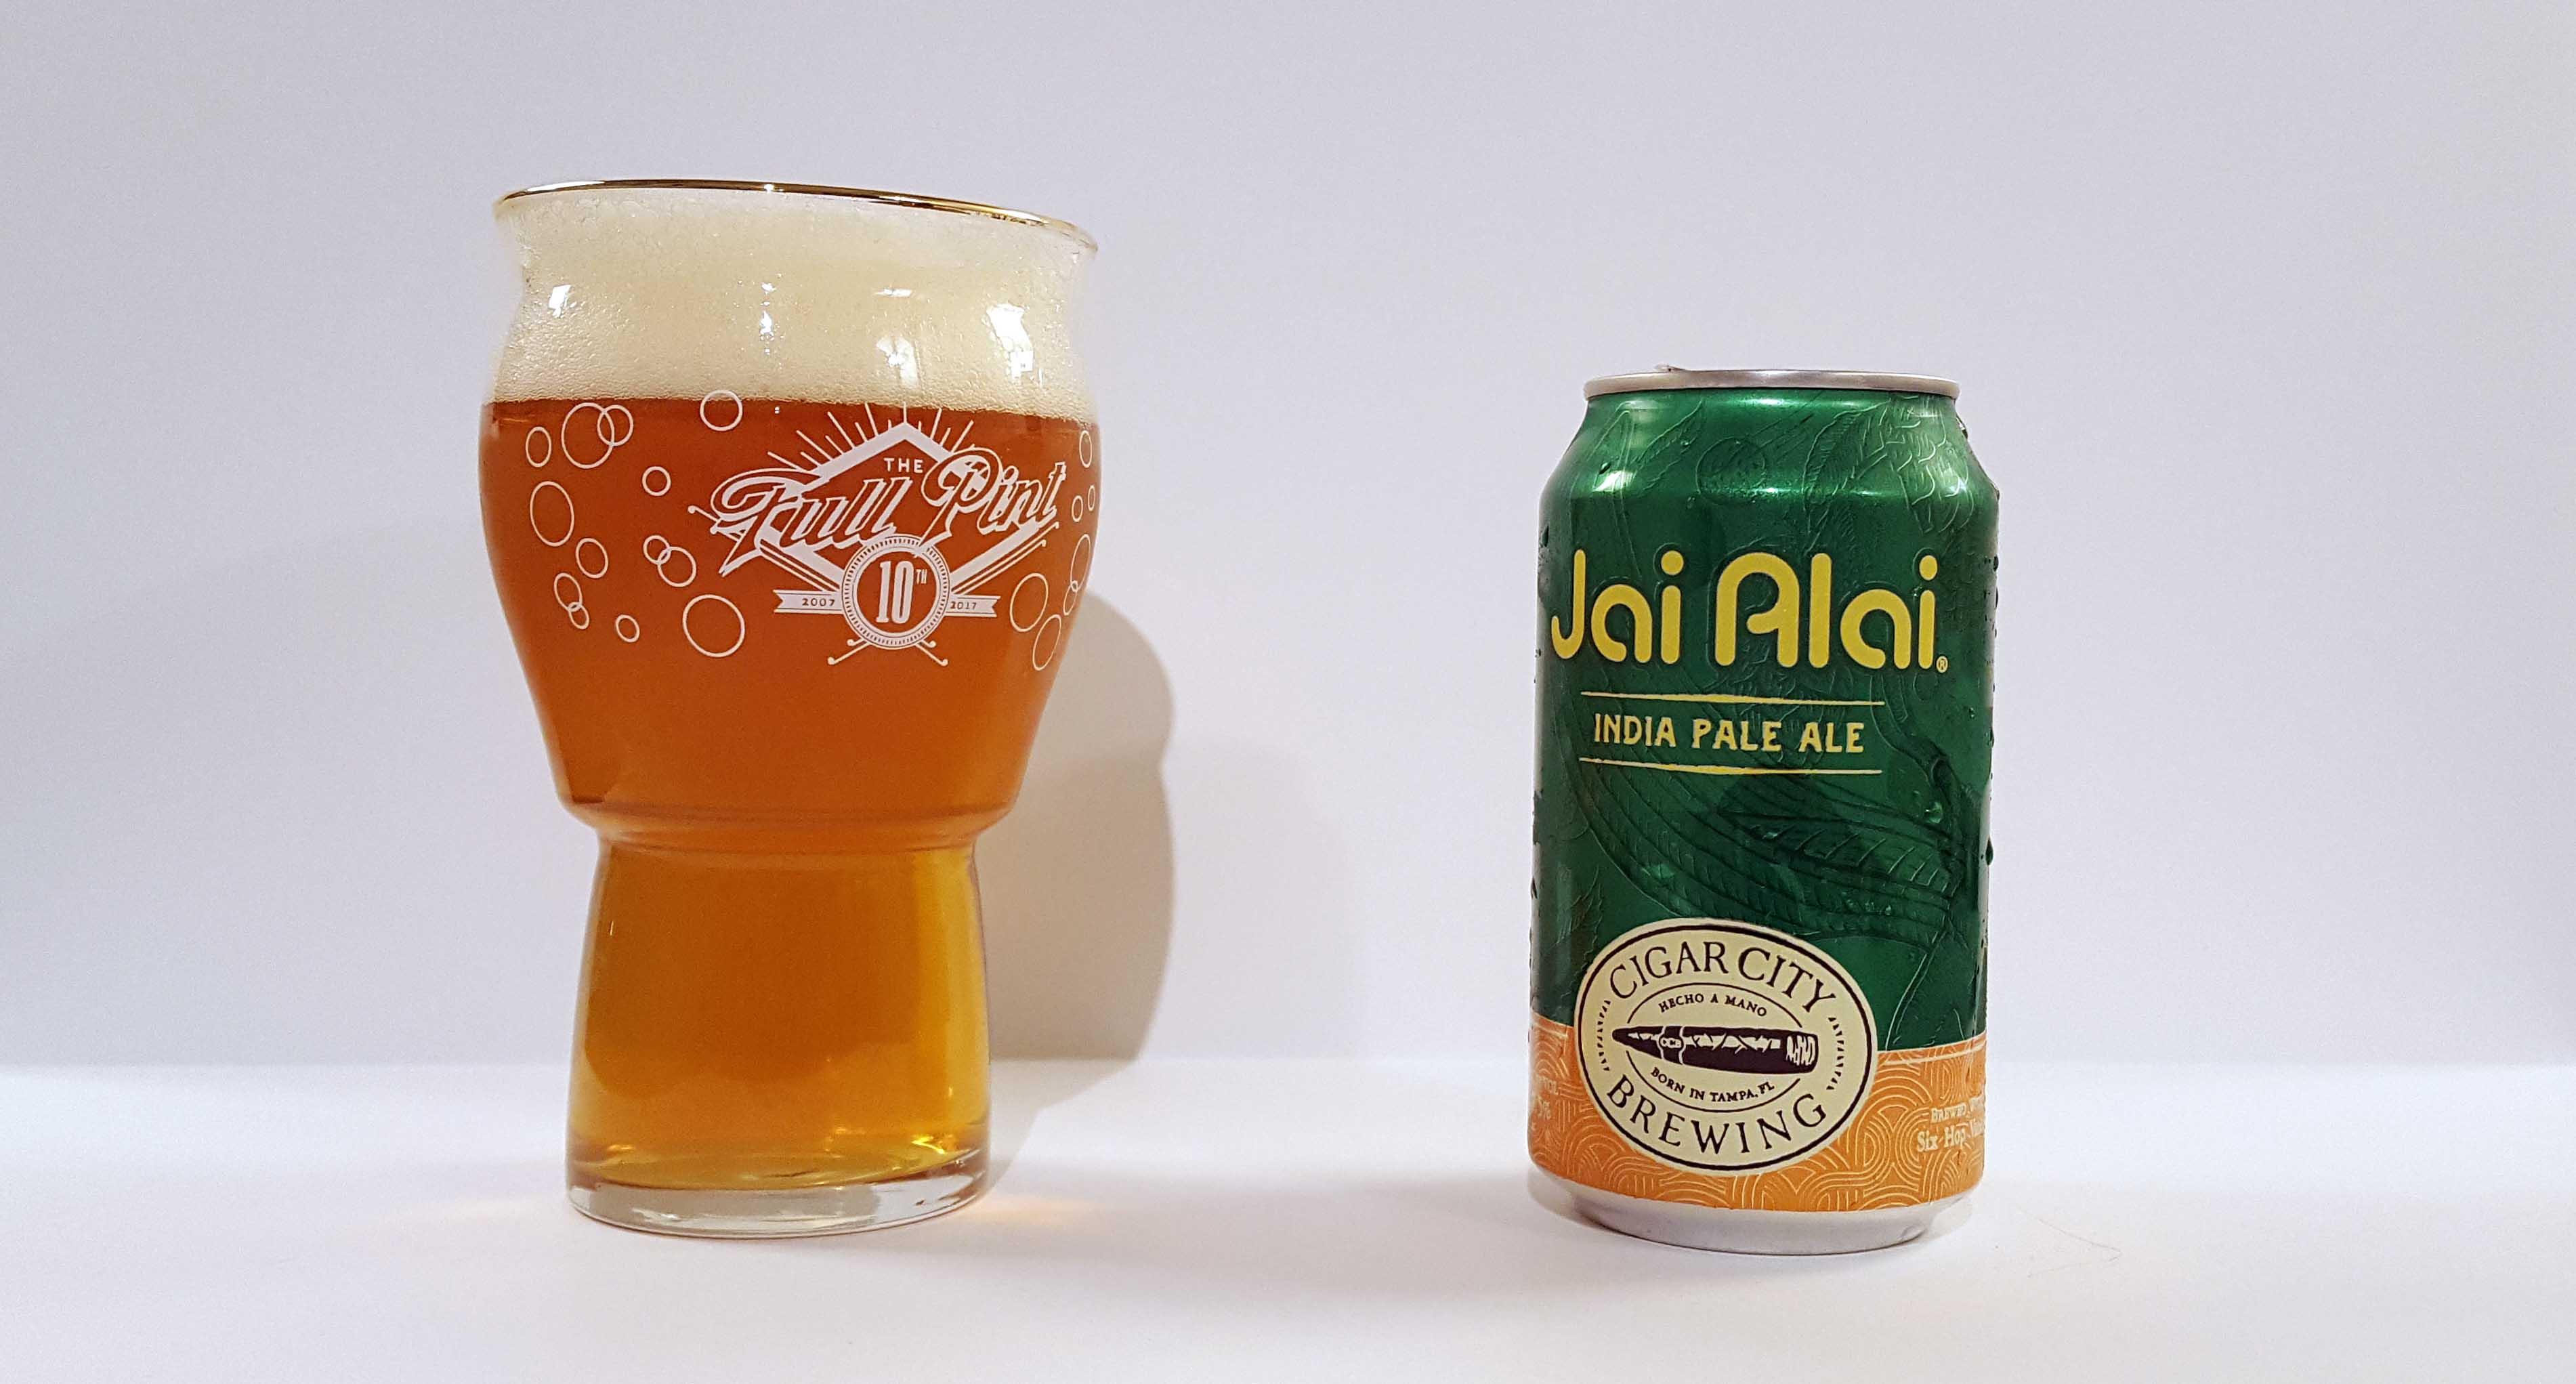 Reviewed Cigar City Jai Alai Thefullpint